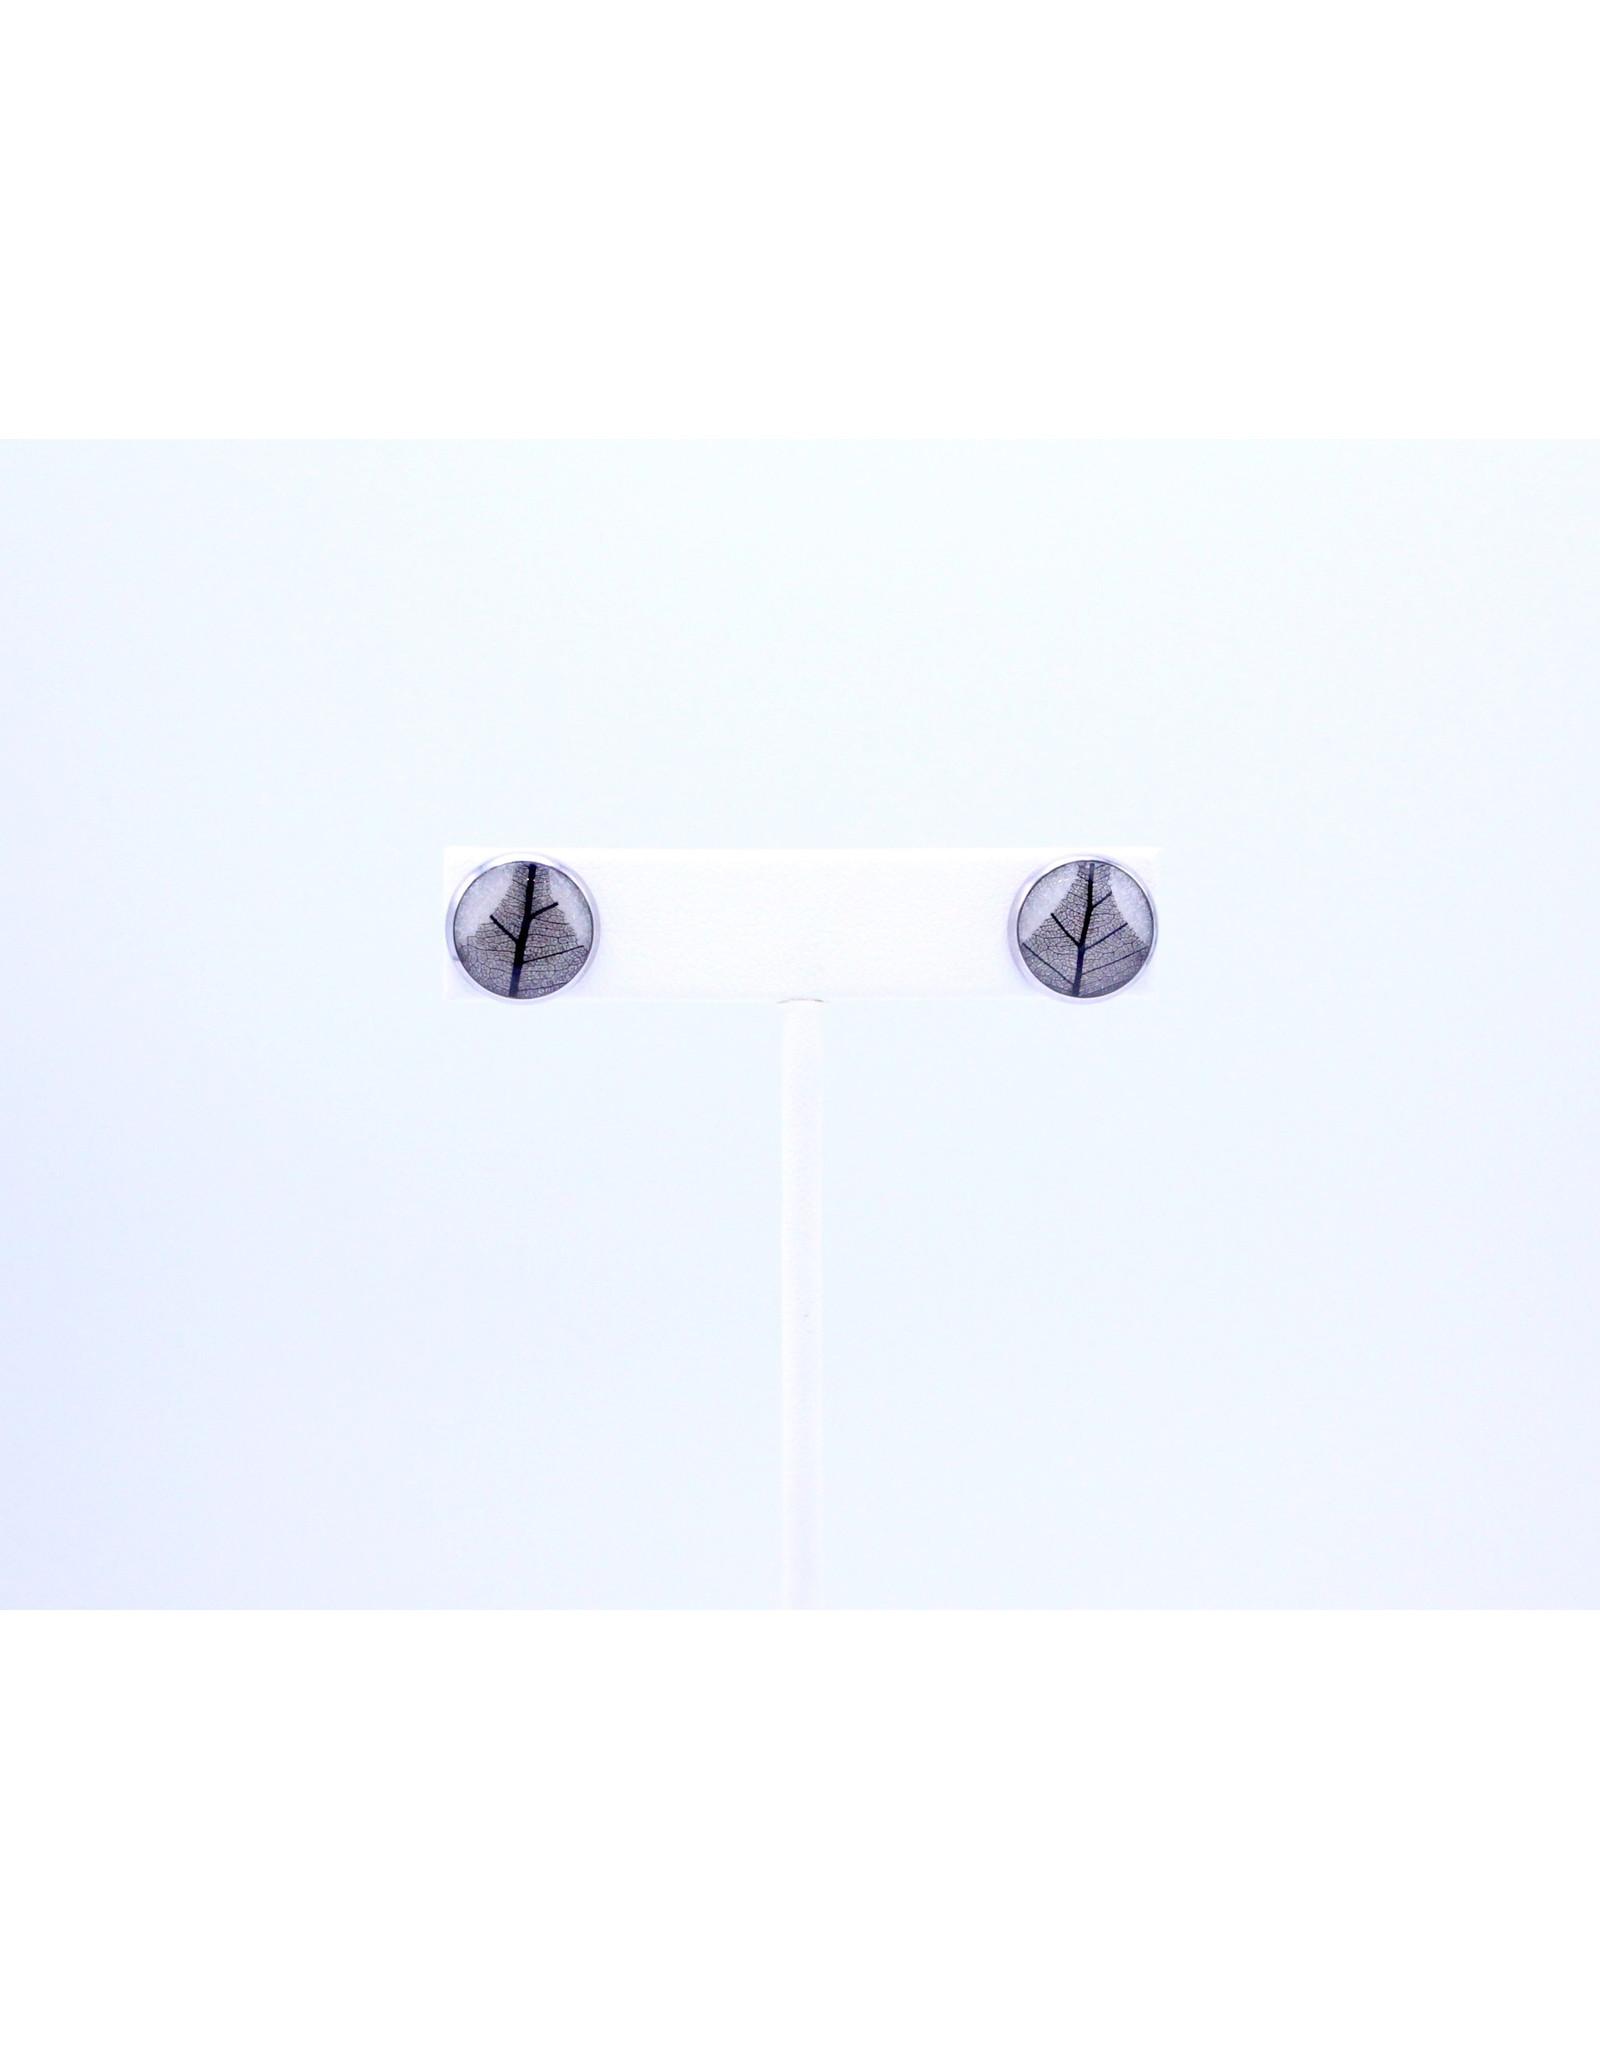 12mm Stud Skeletized Leaf Earrings  - J12SSLS1